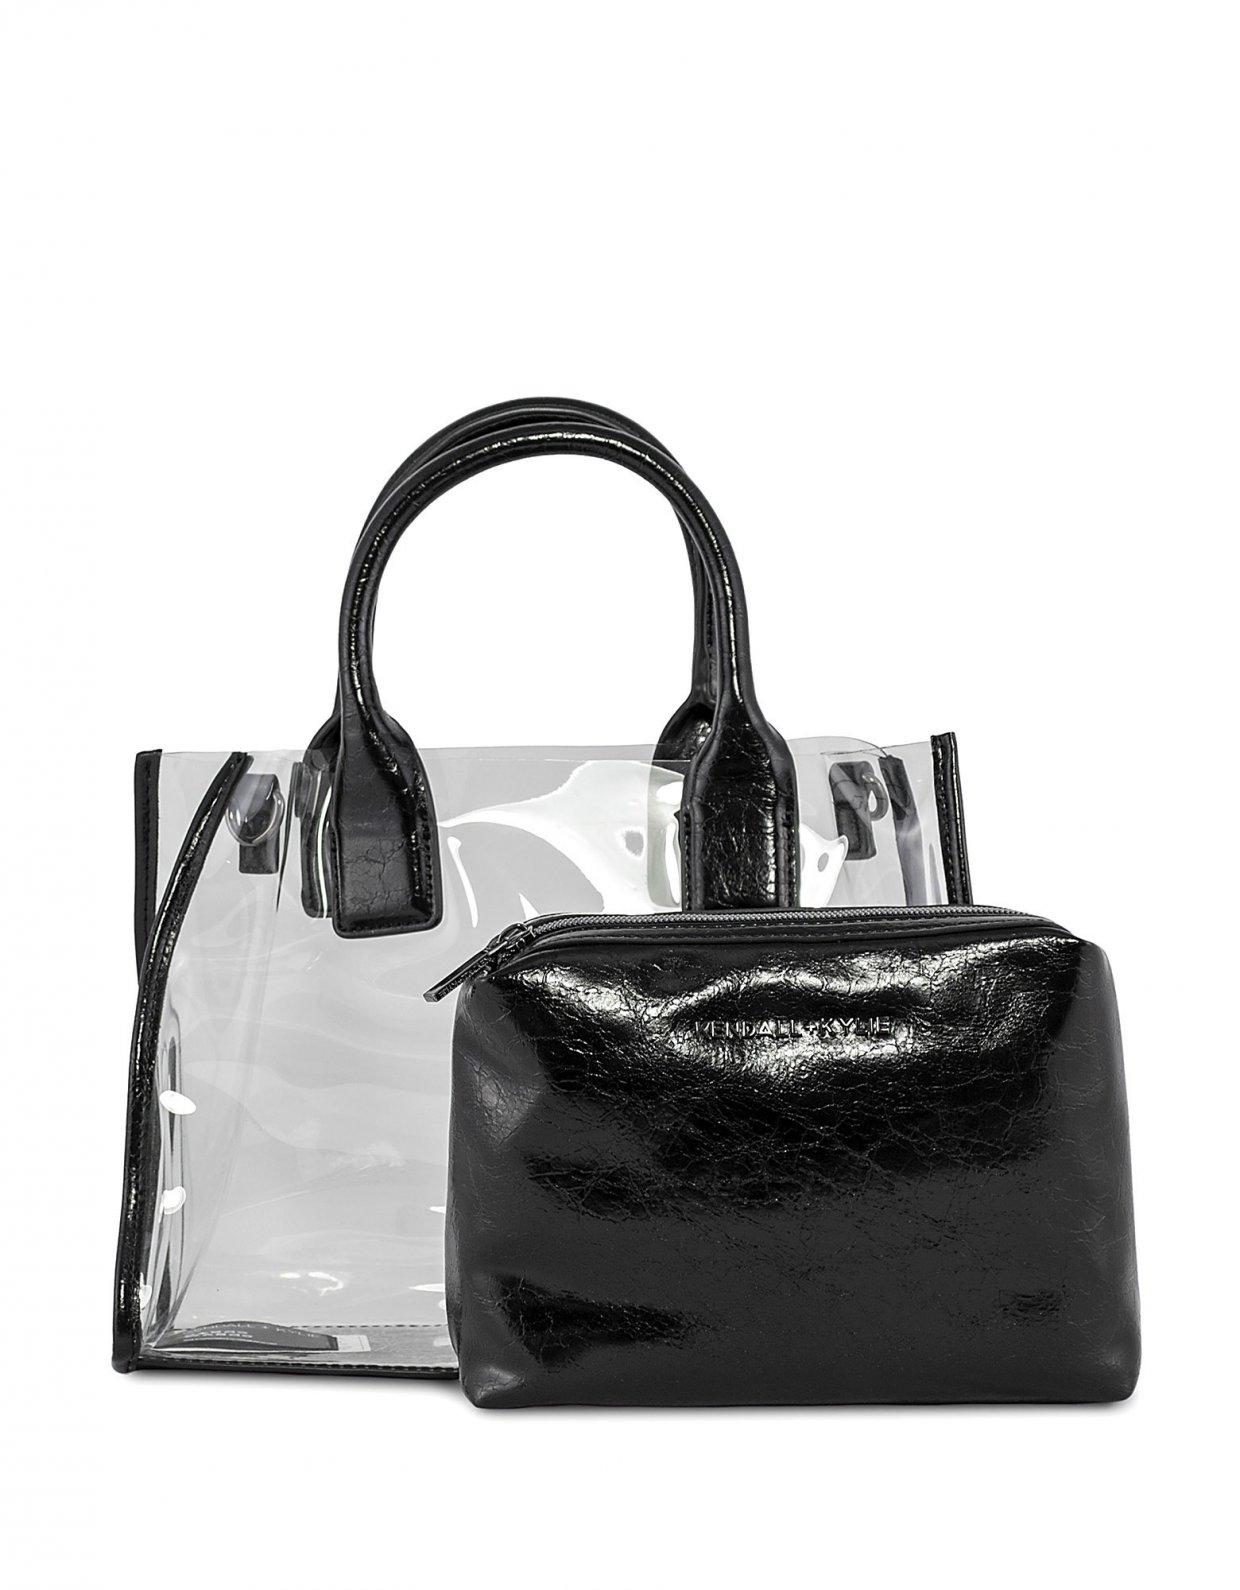 Kendall + Kylie Carla crossbody/tote bag crinkled black